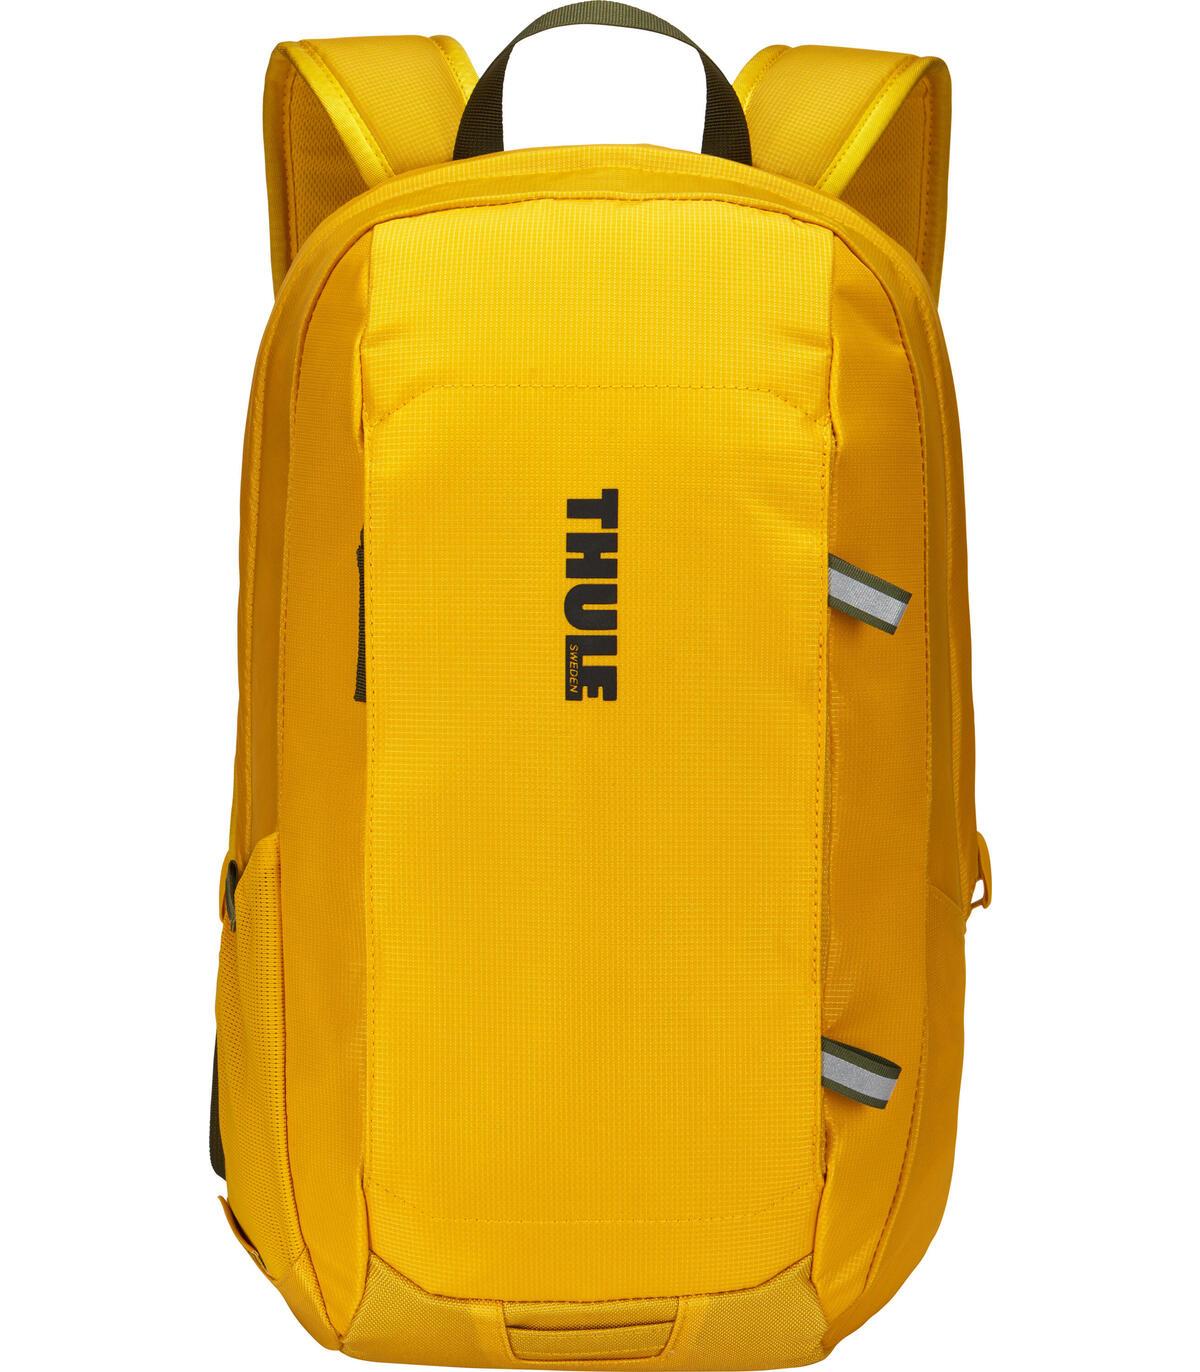 Thule EnRoute Mochila de 13L Color Amarillo